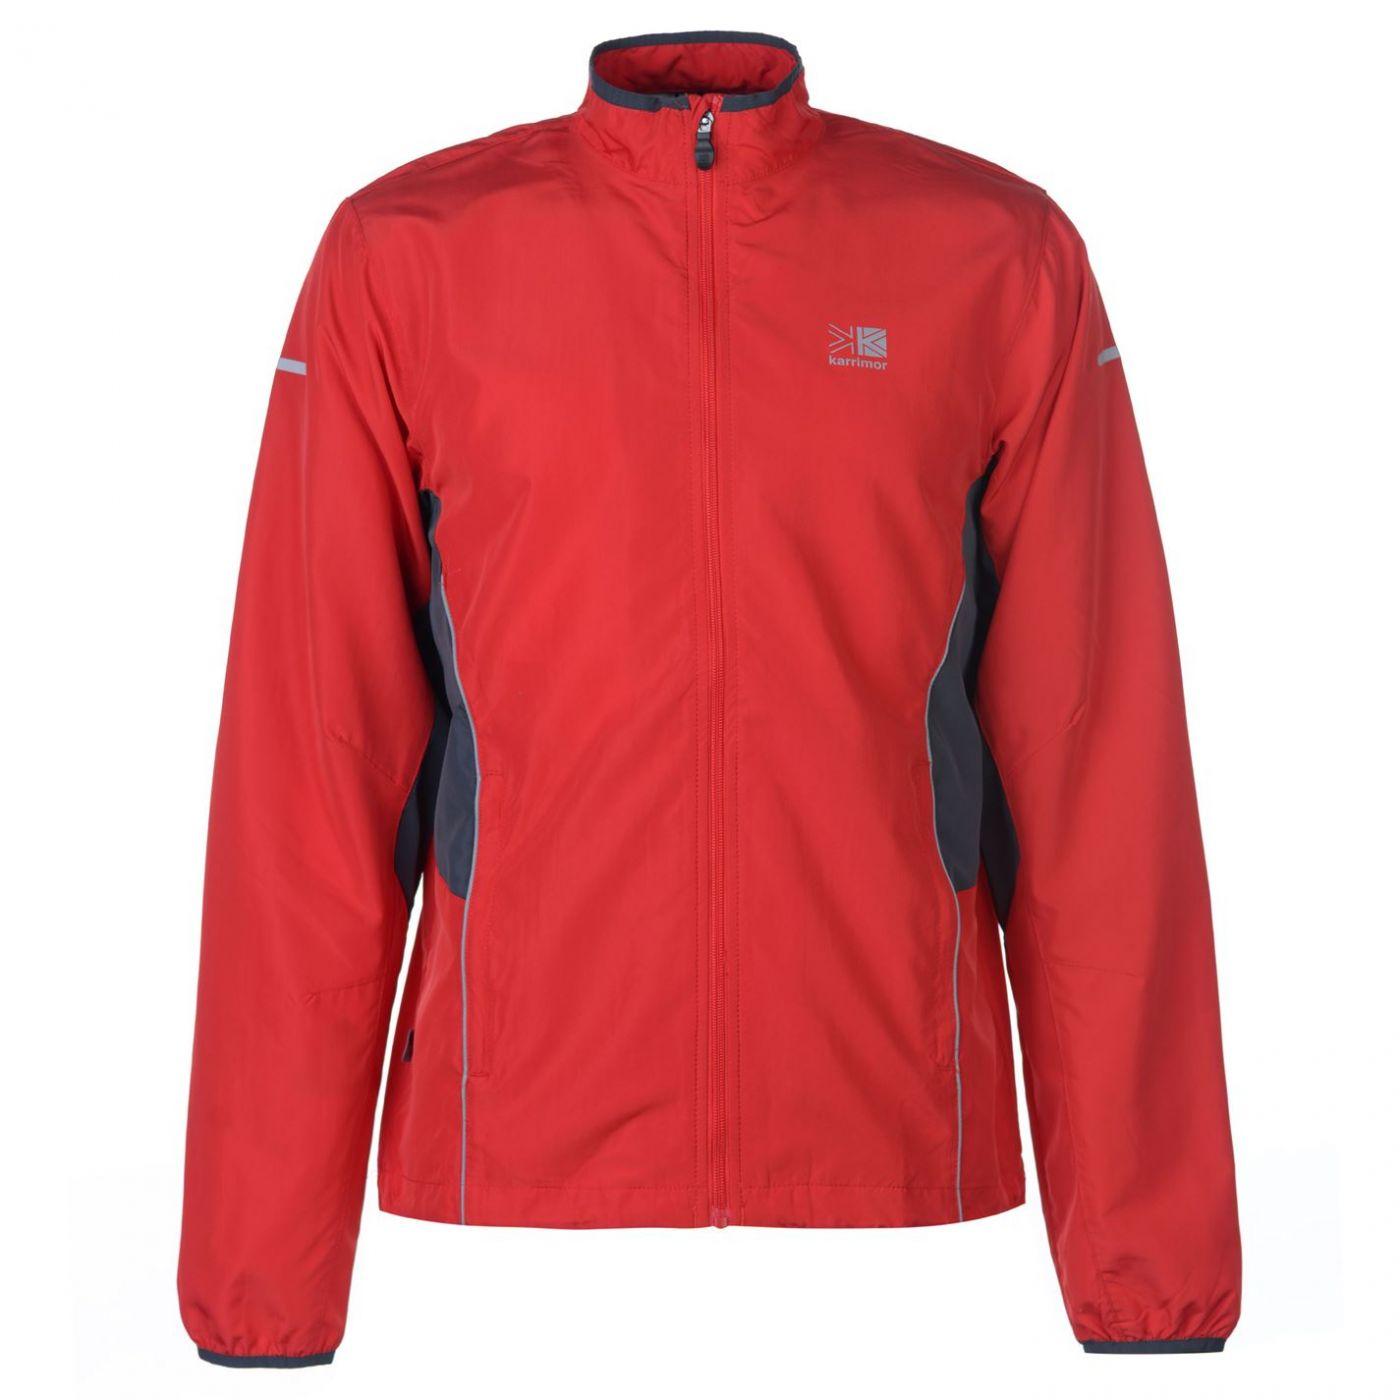 Men's Running Jacket Karrimor